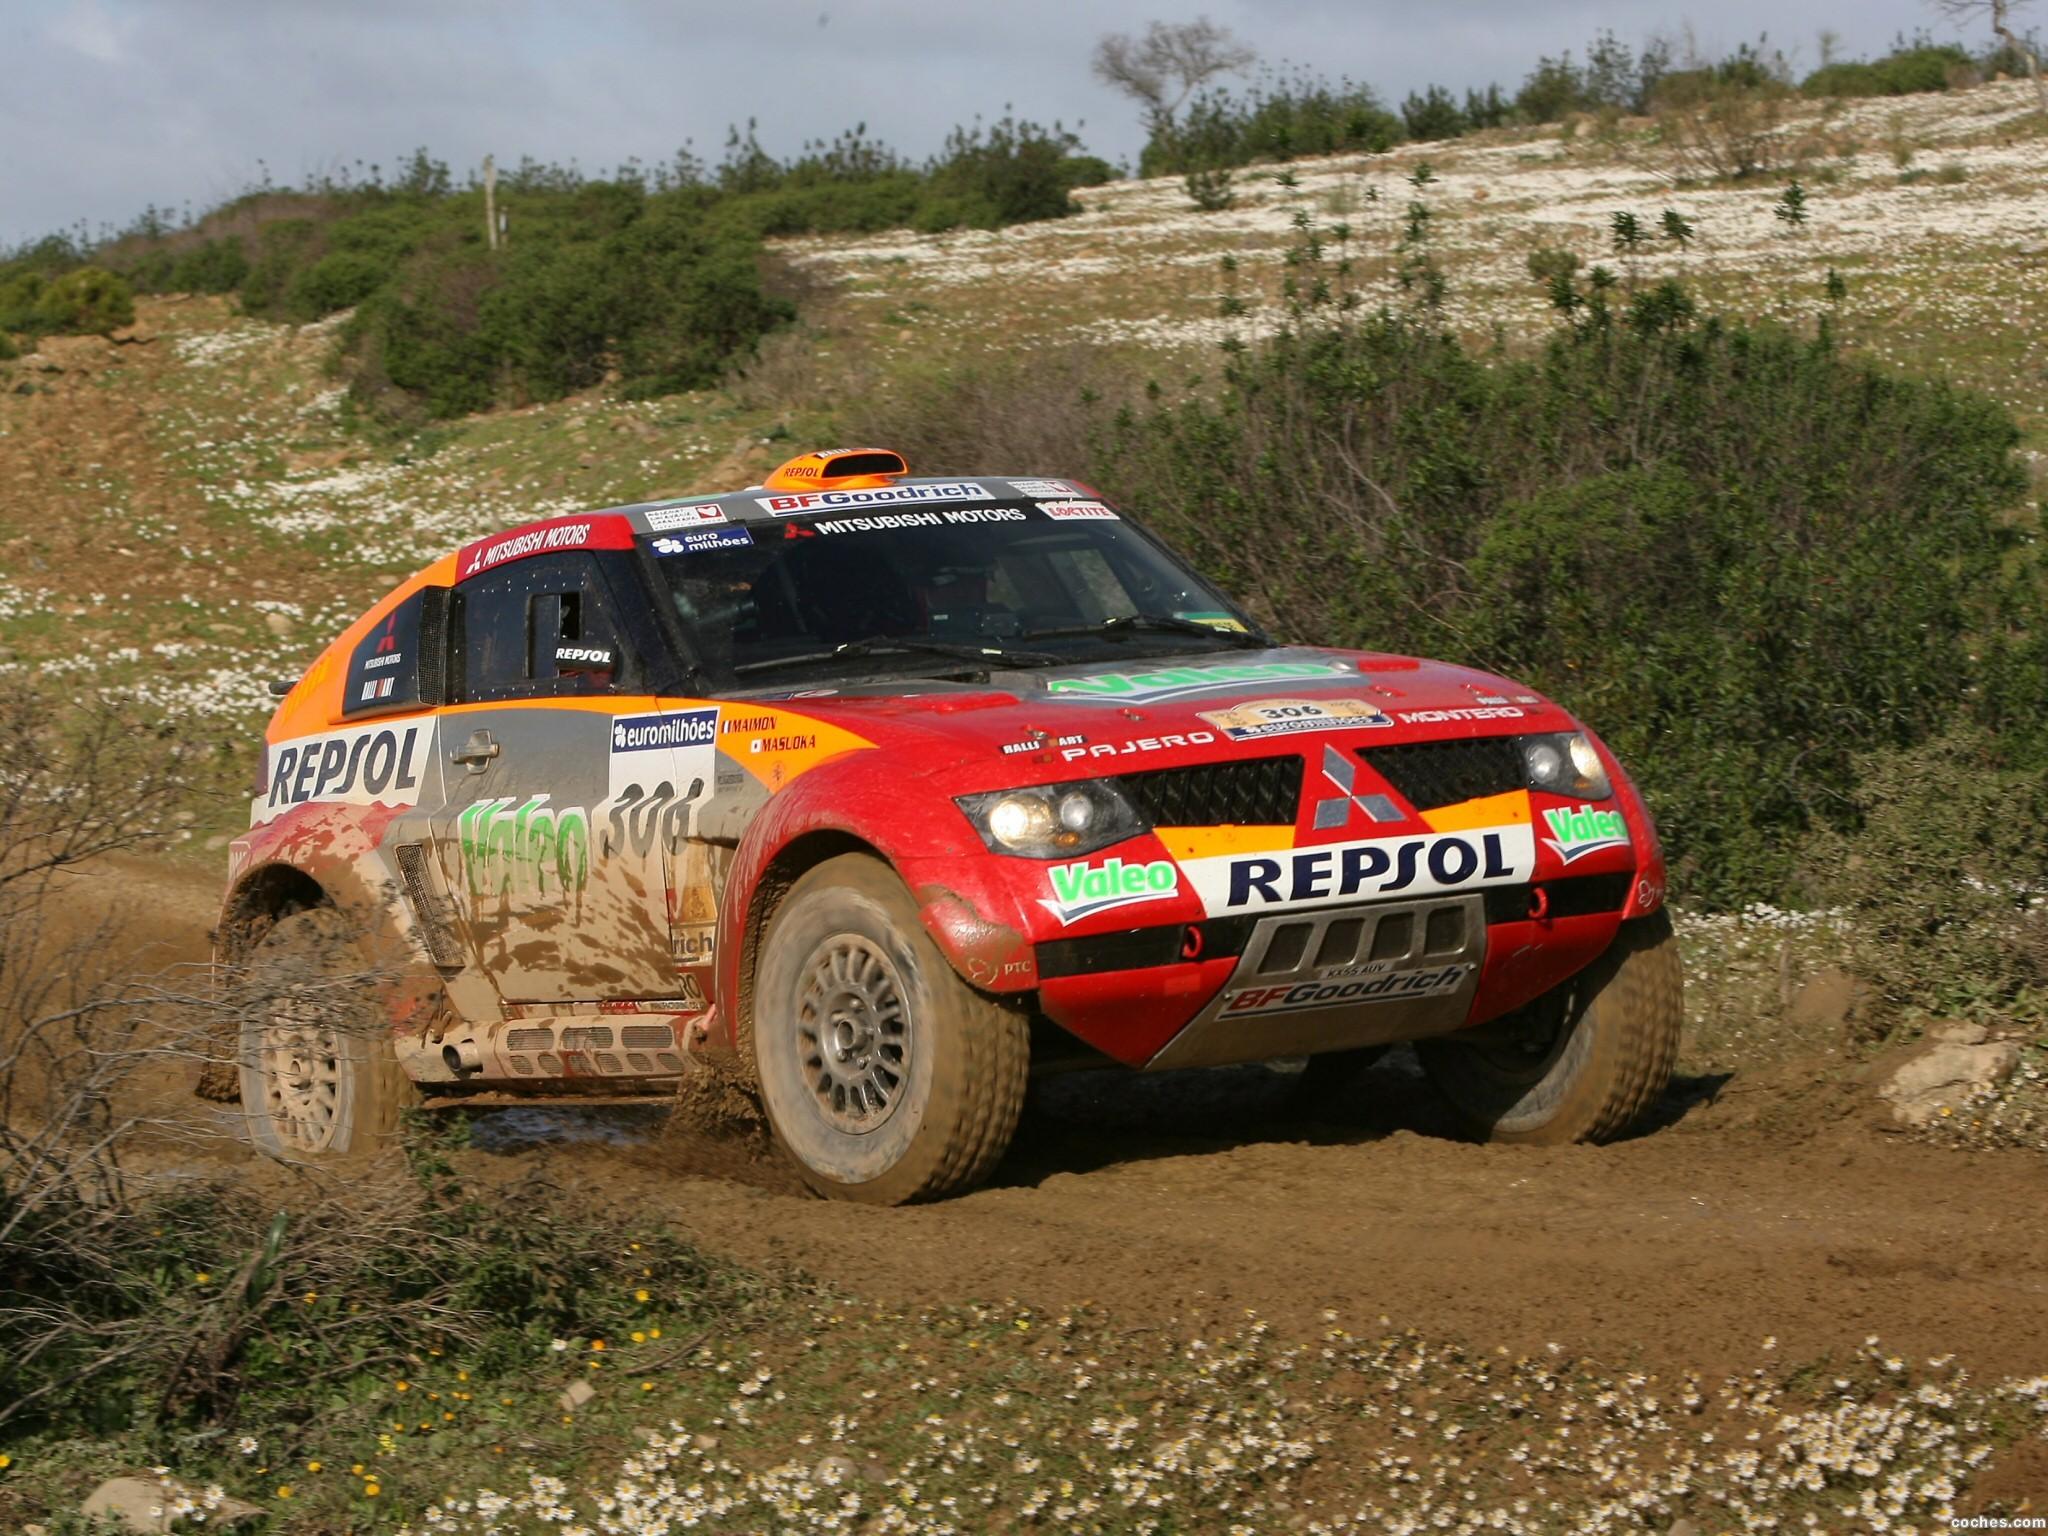 Foto 10 de Mitsubishi Pajero Dakar 2006